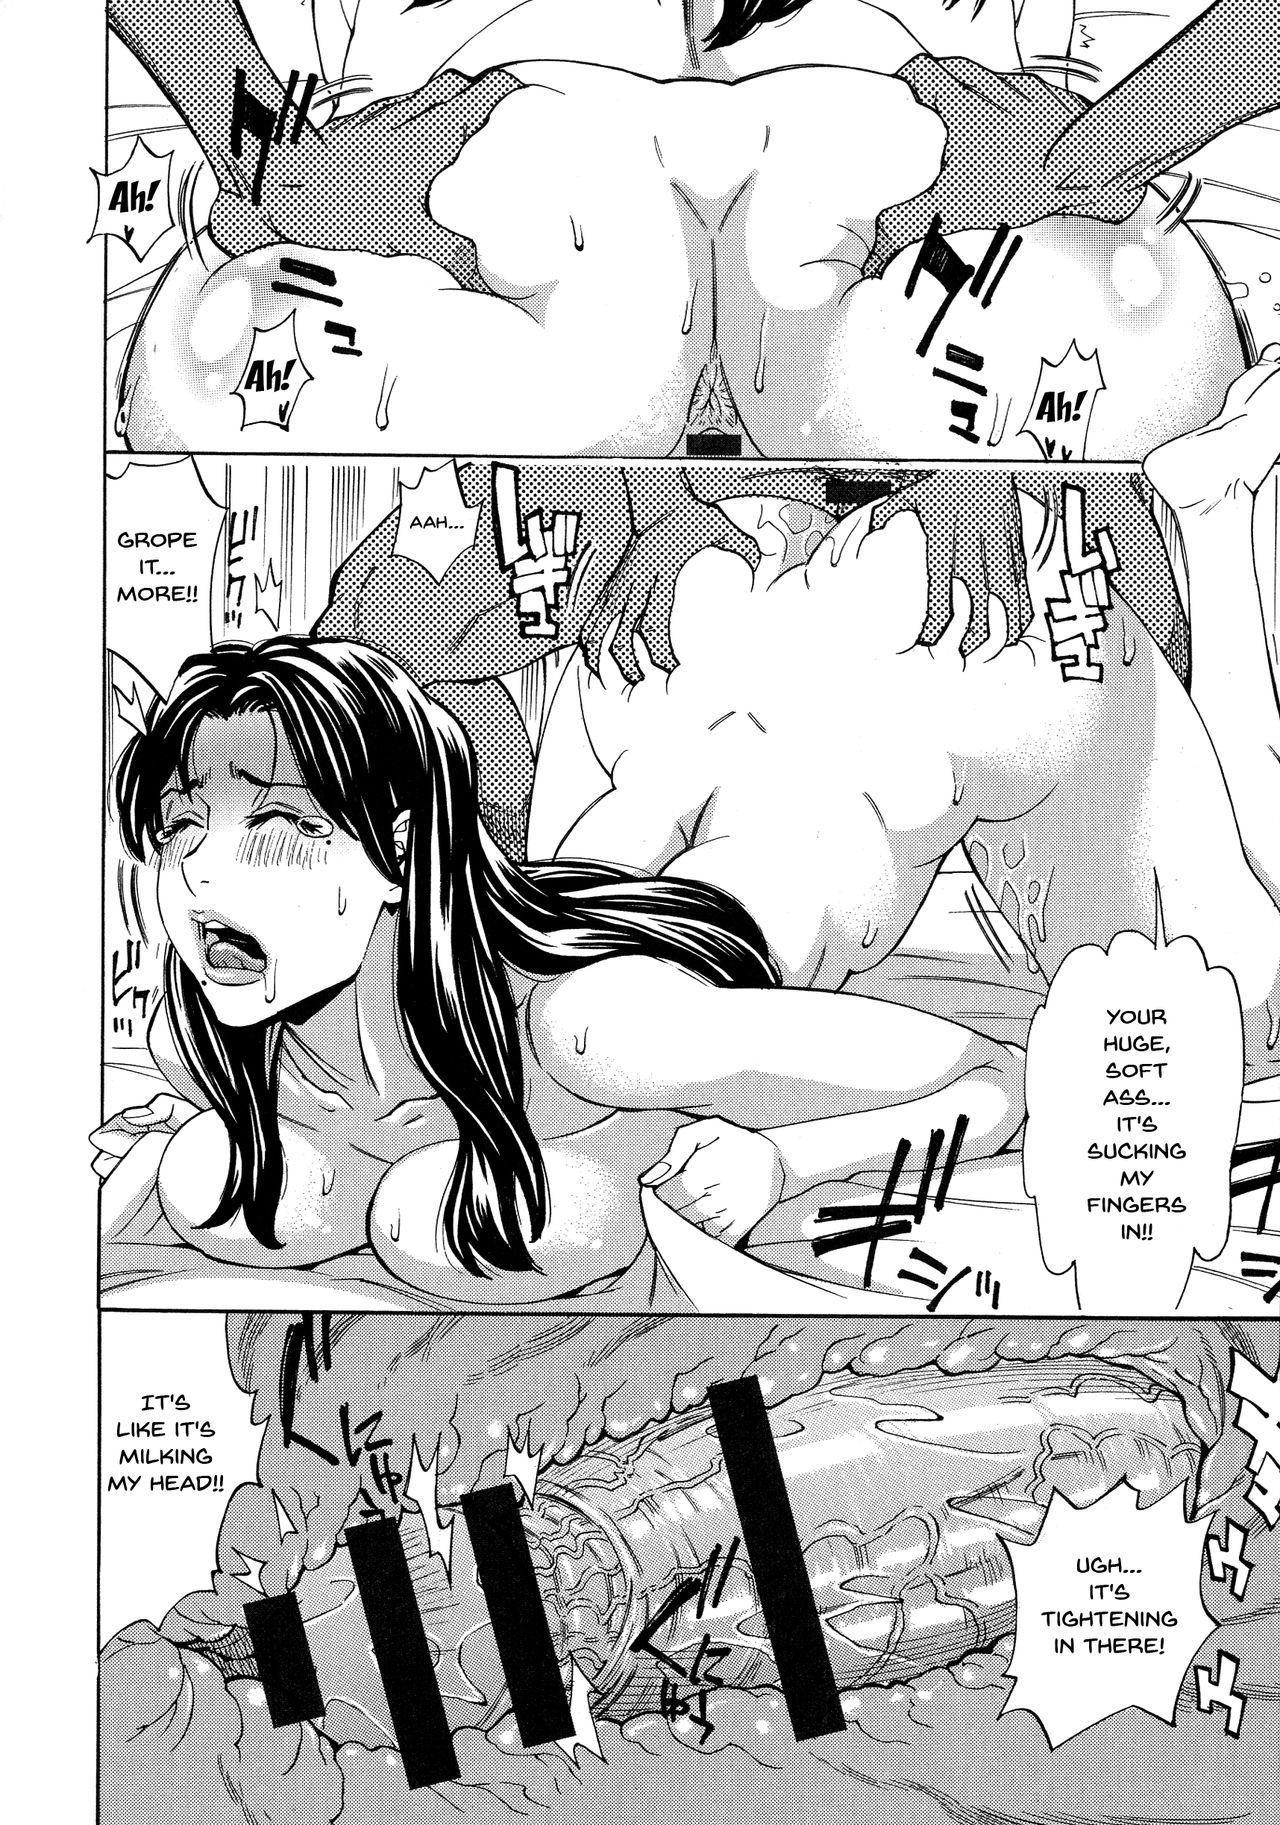 [Makibe Kataru] Hitozuma Koi Hanabi ~Hajimete no Furin ga 3P ni Itaru made~ Ch.1-9 [English] {Doujins.com} 106